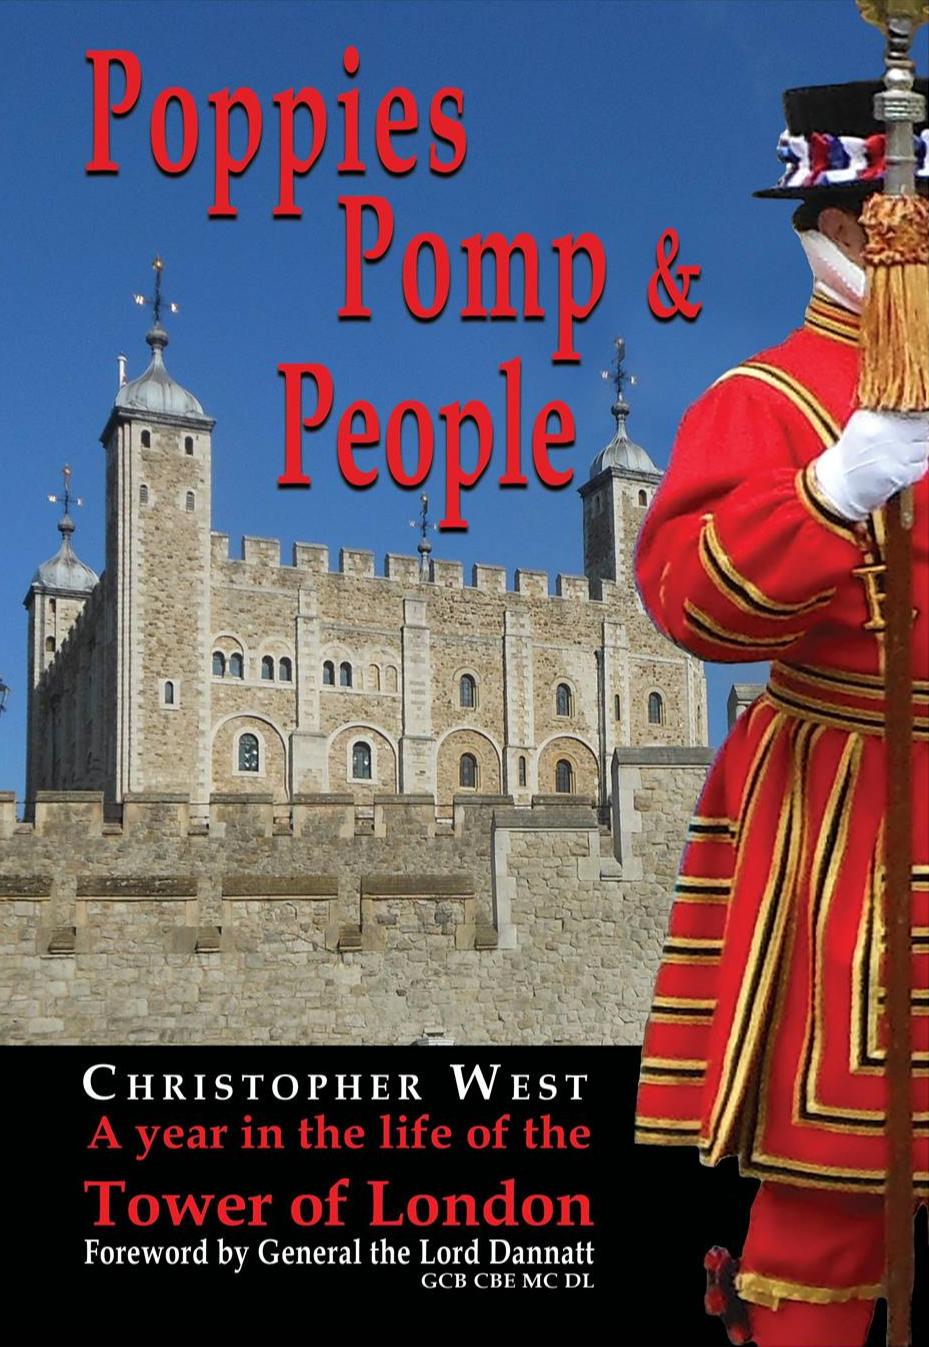 Poppies Pomp & People